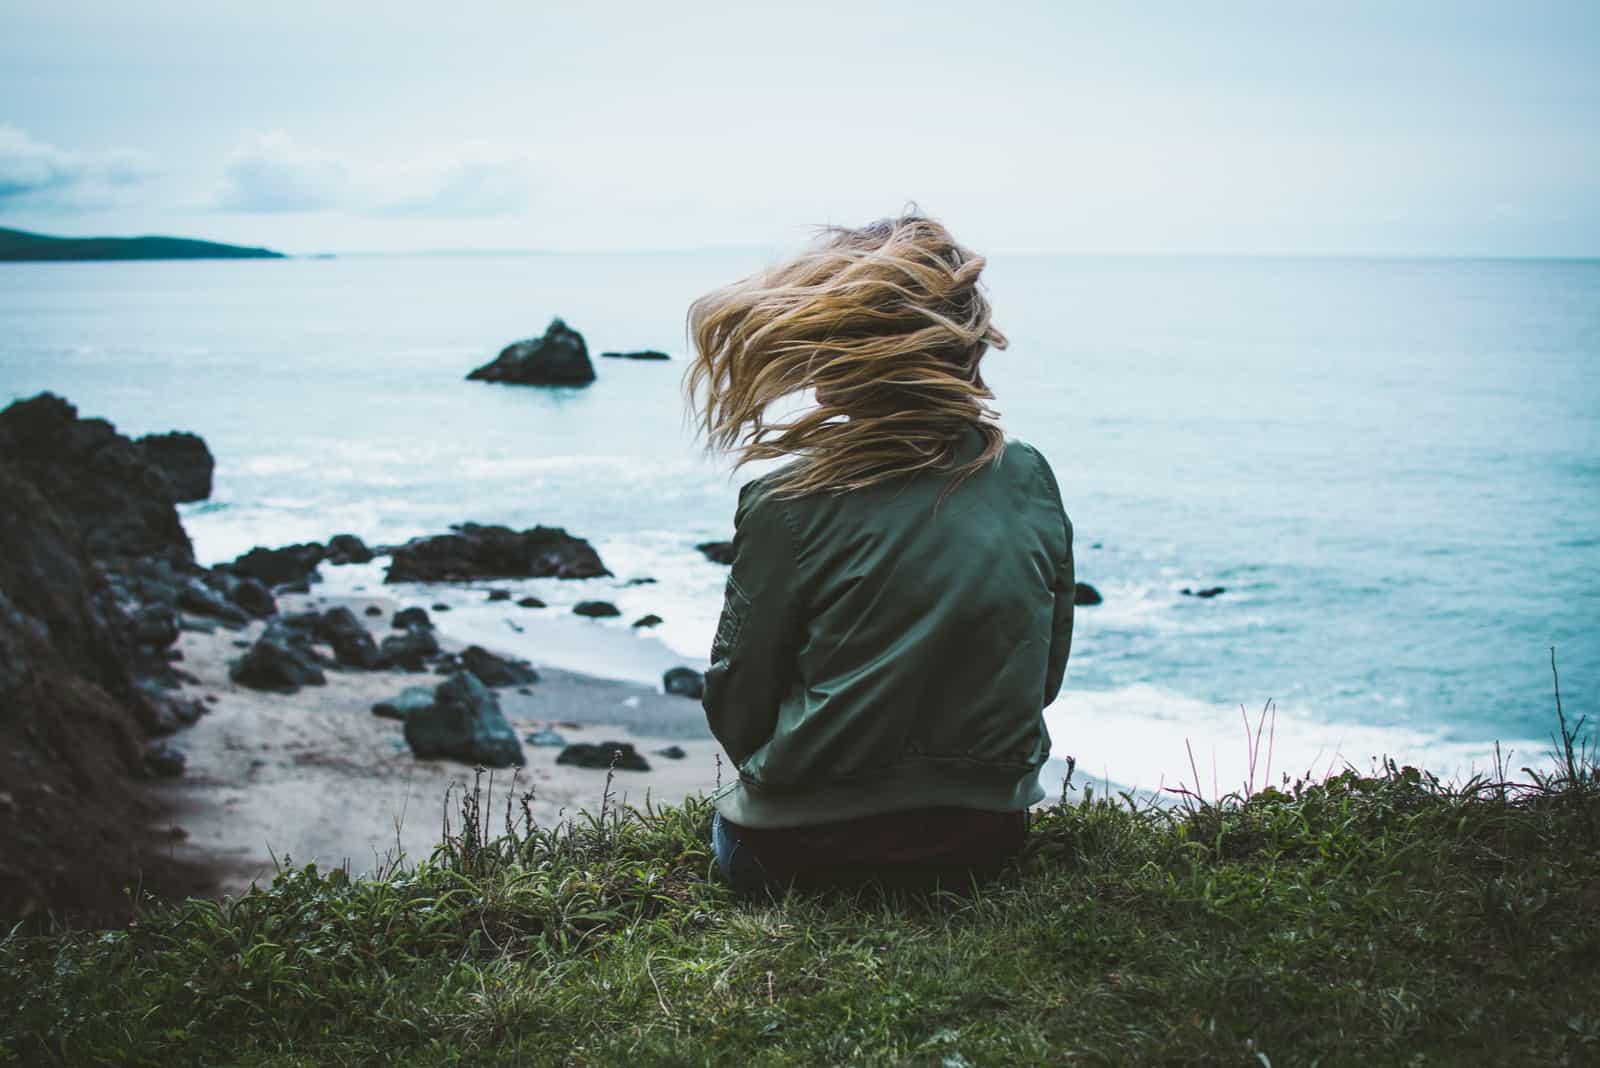 pige sidder på en klippe med udsigt over havet med håret blæser